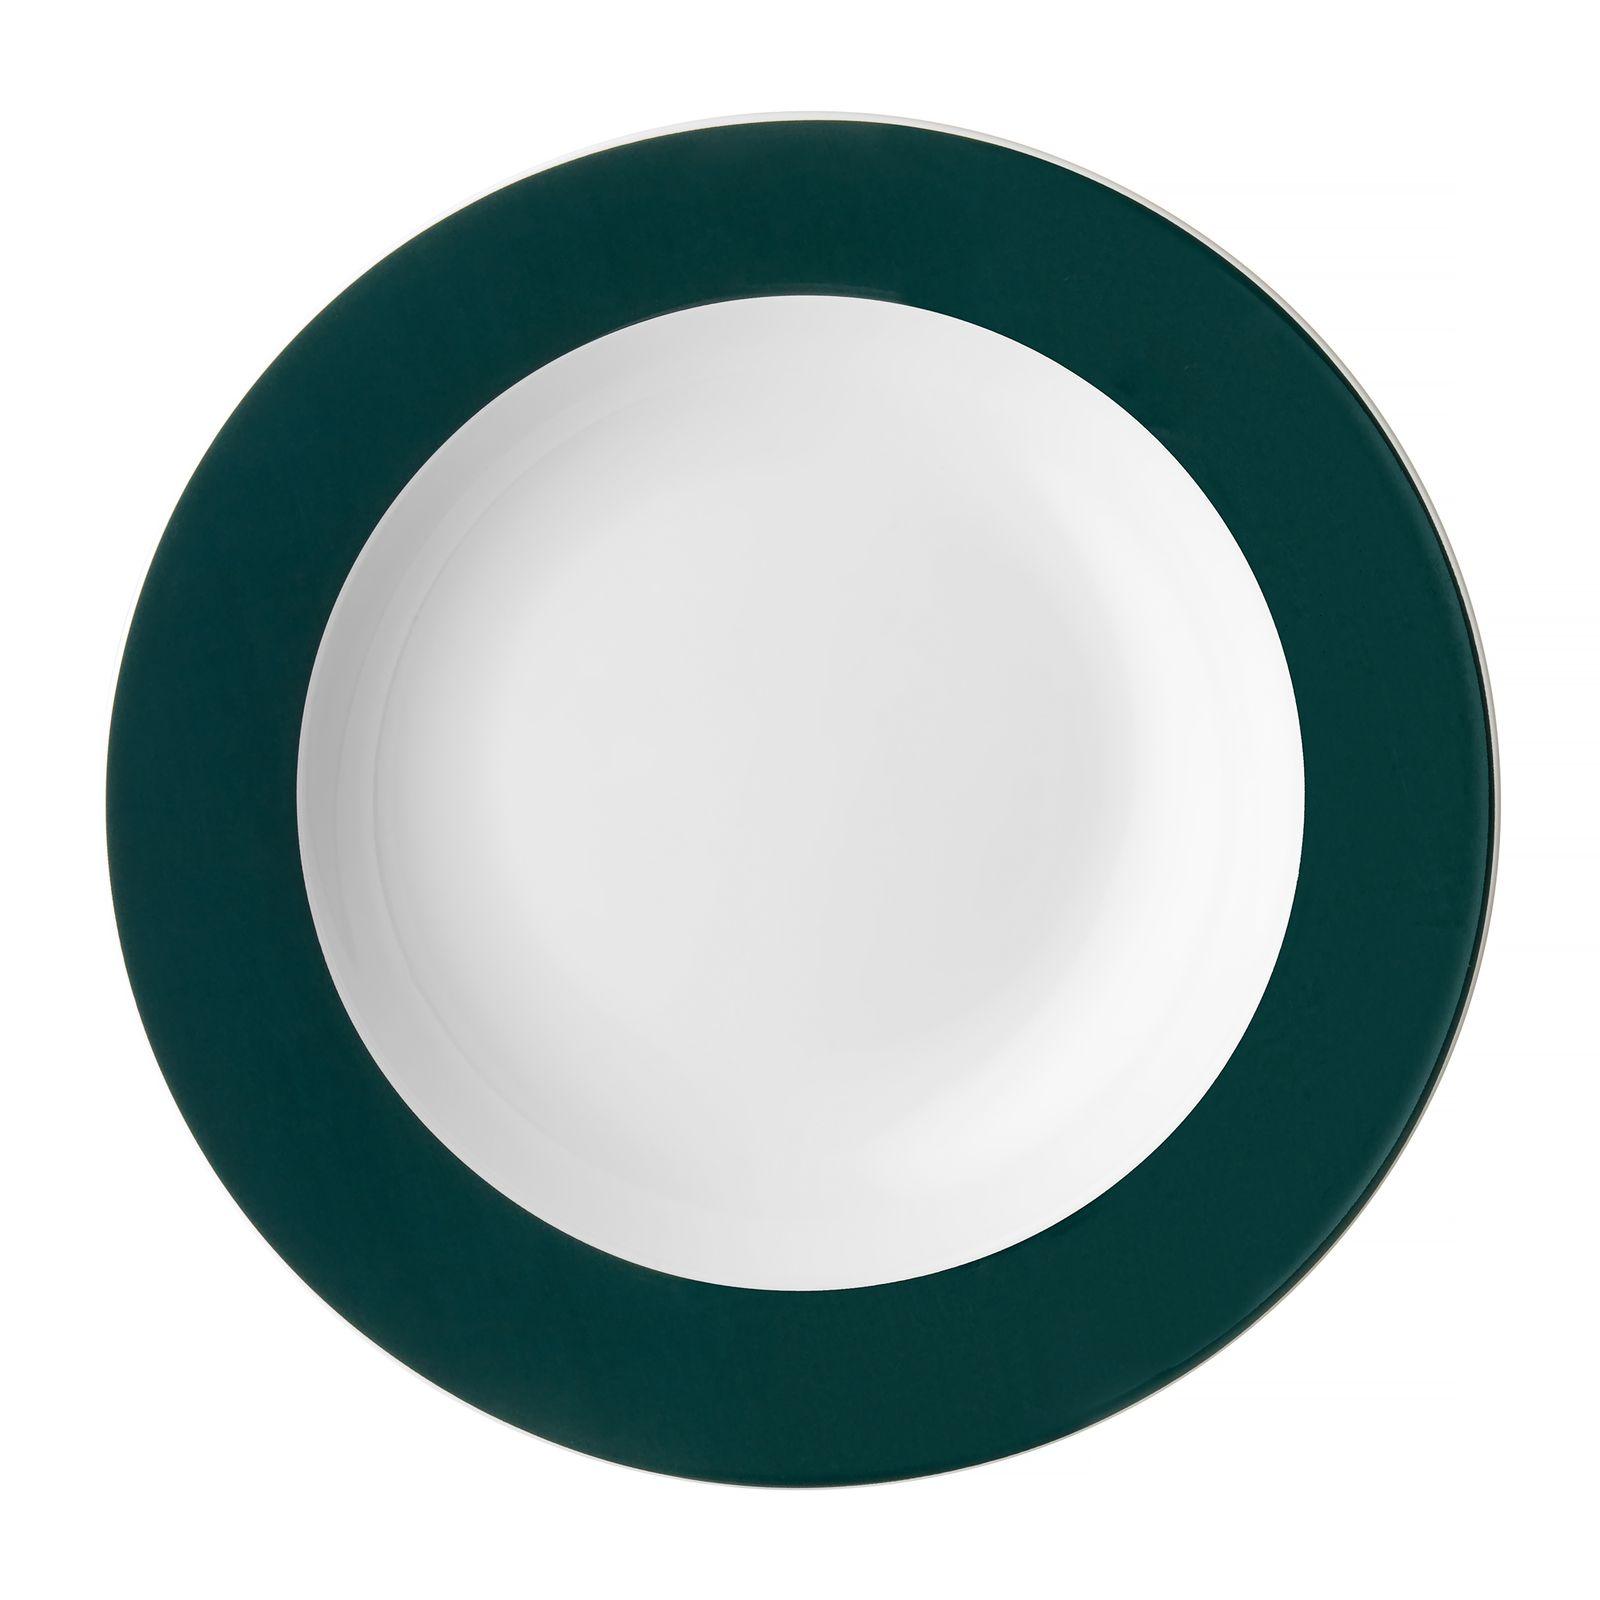 Serwis obiadowy Aura Green 18-elementowy AMBITION